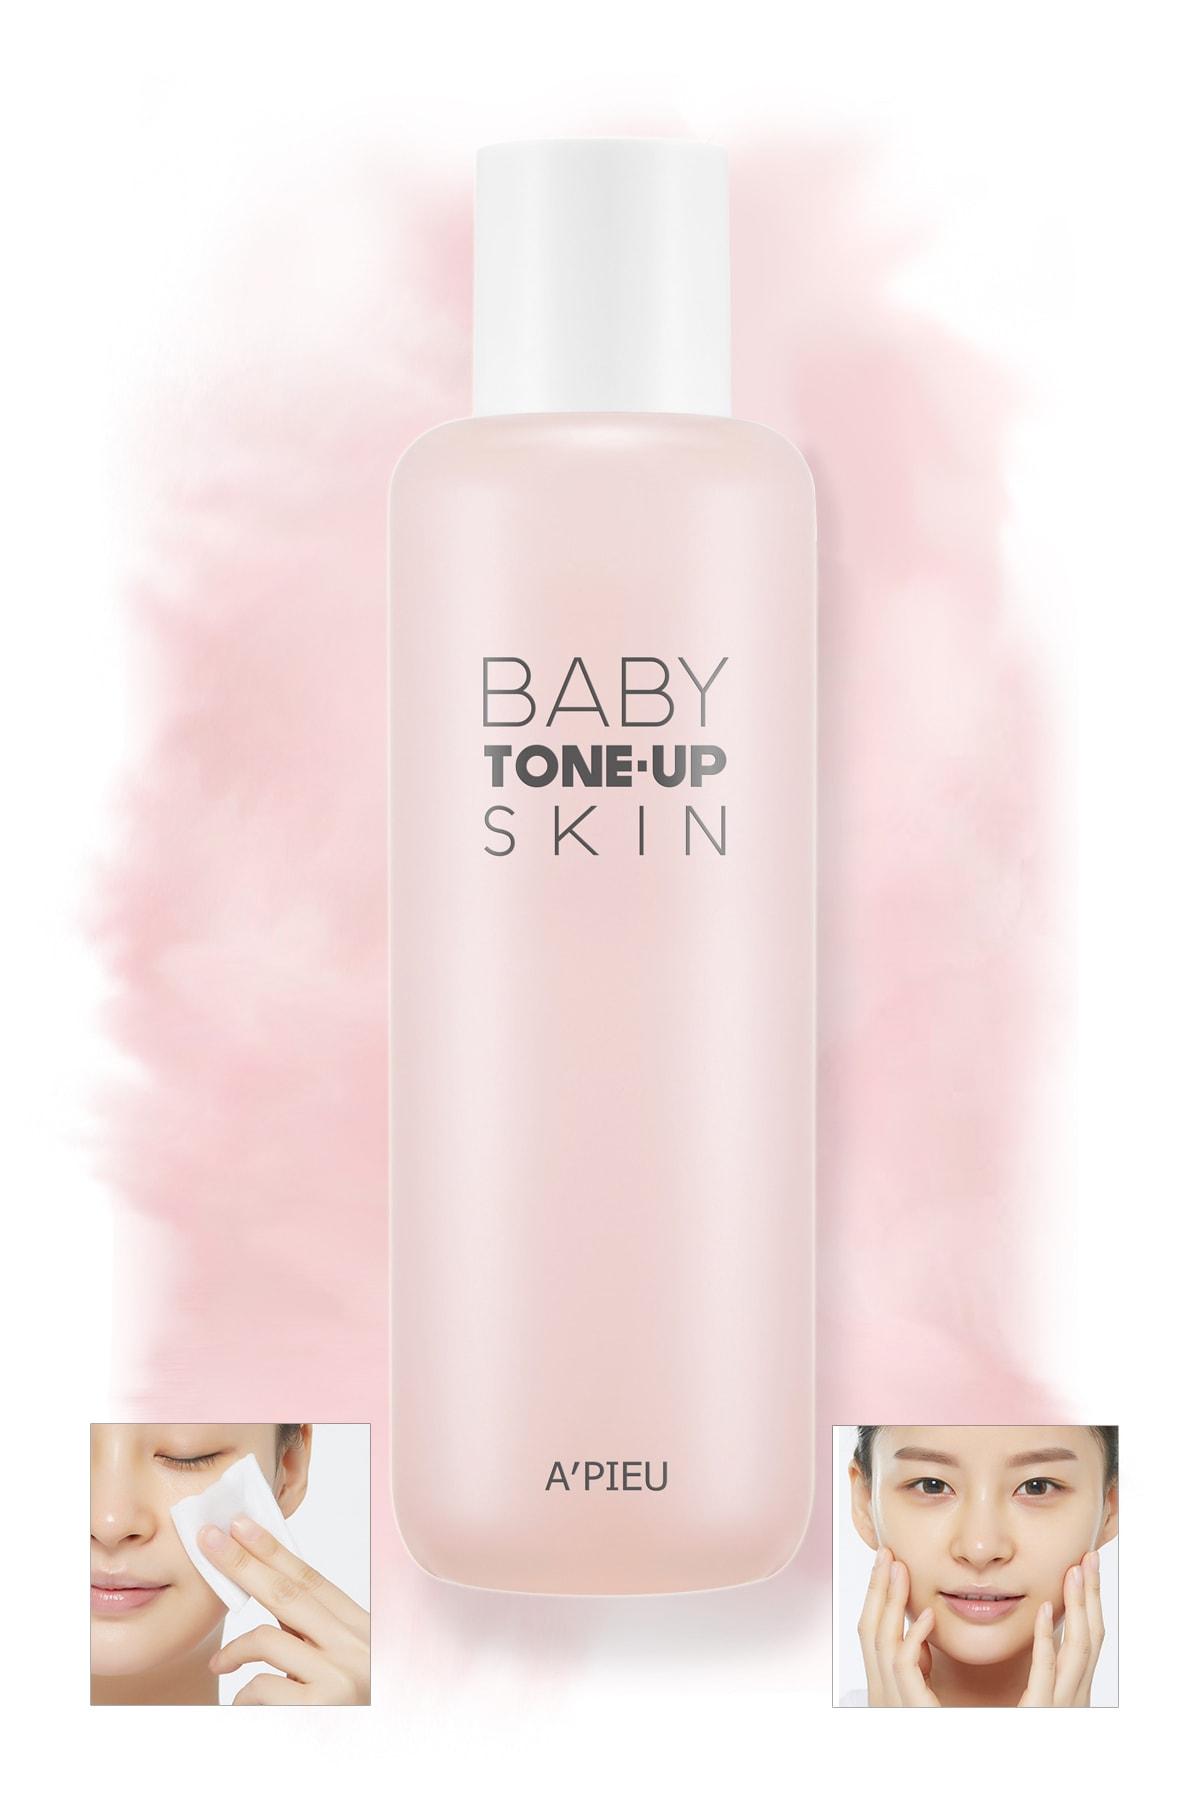 Missha Nemlendirici ve Aydınlatıcı Ton Eşitleyici Tonik 160ml APIEU Baby Tone-up Skin